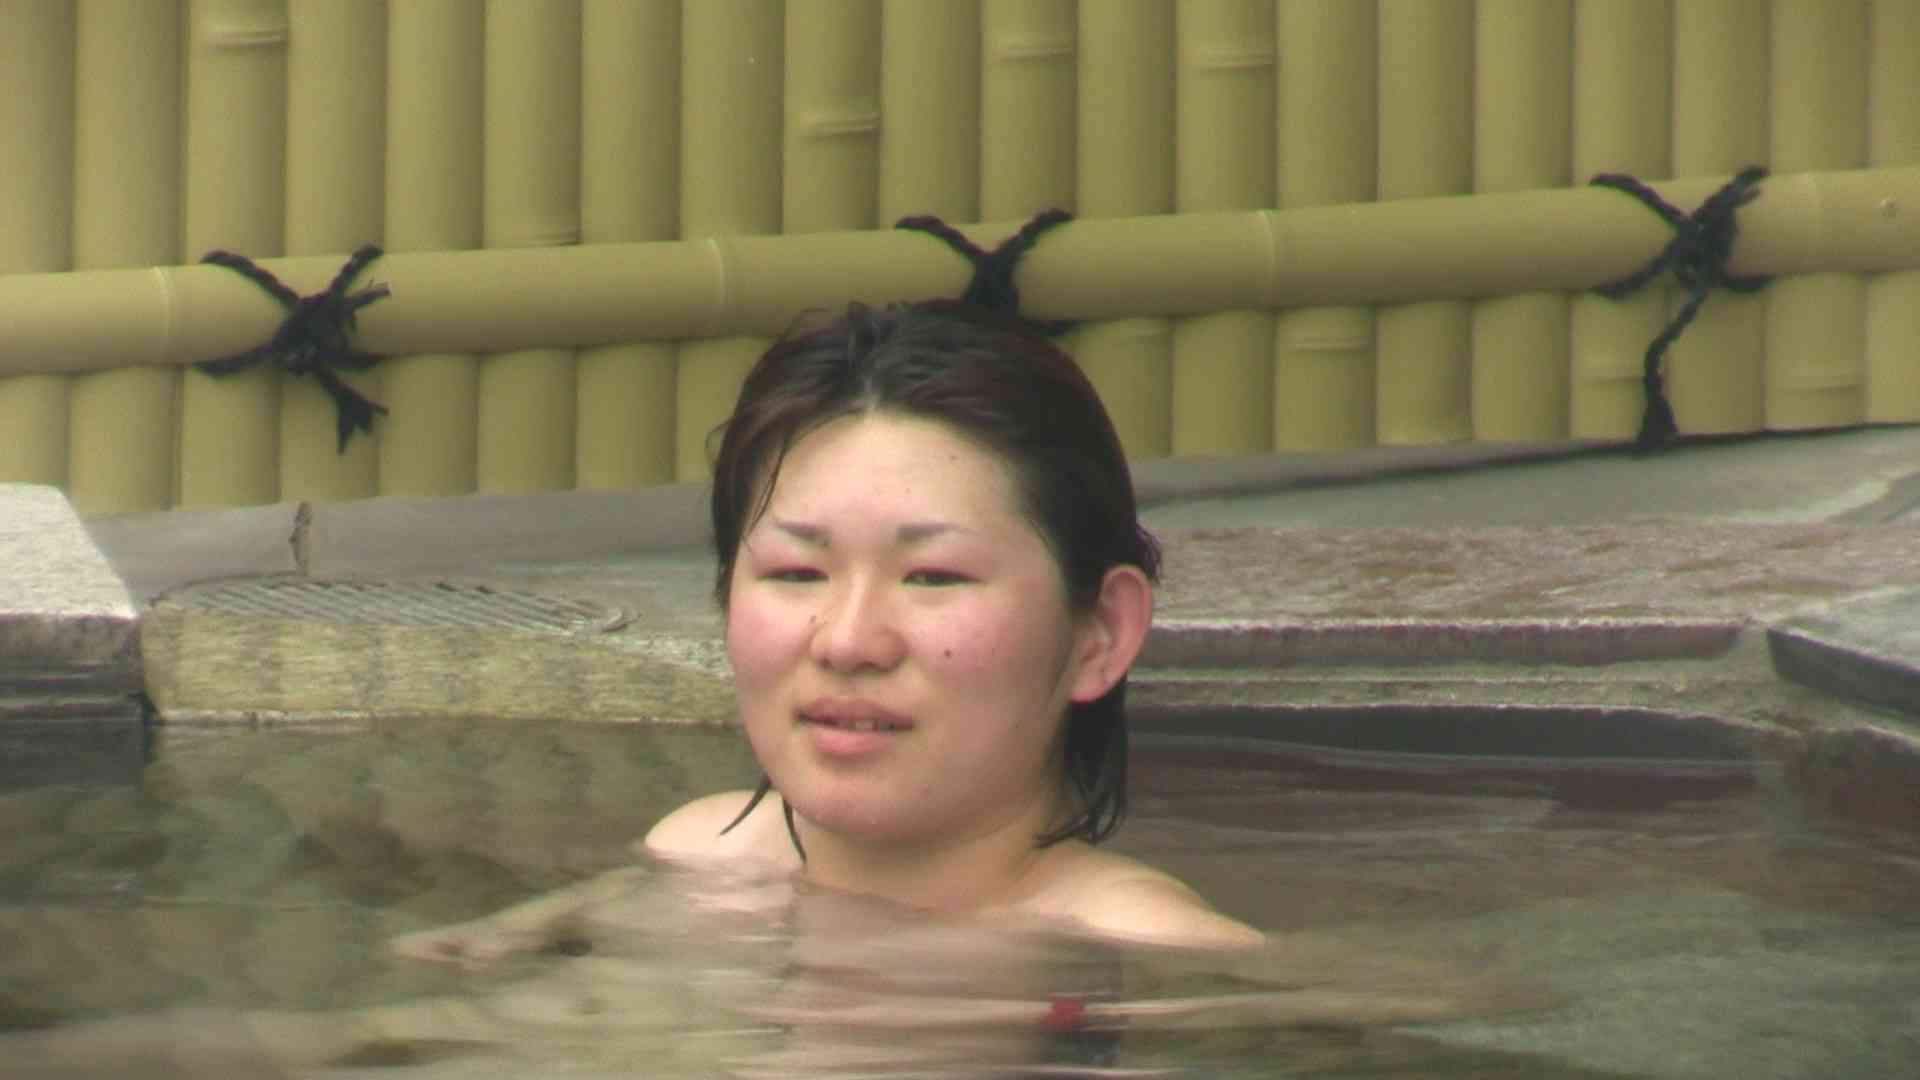 Aquaな露天風呂Vol.673 OLエロ画像  104PICs 51